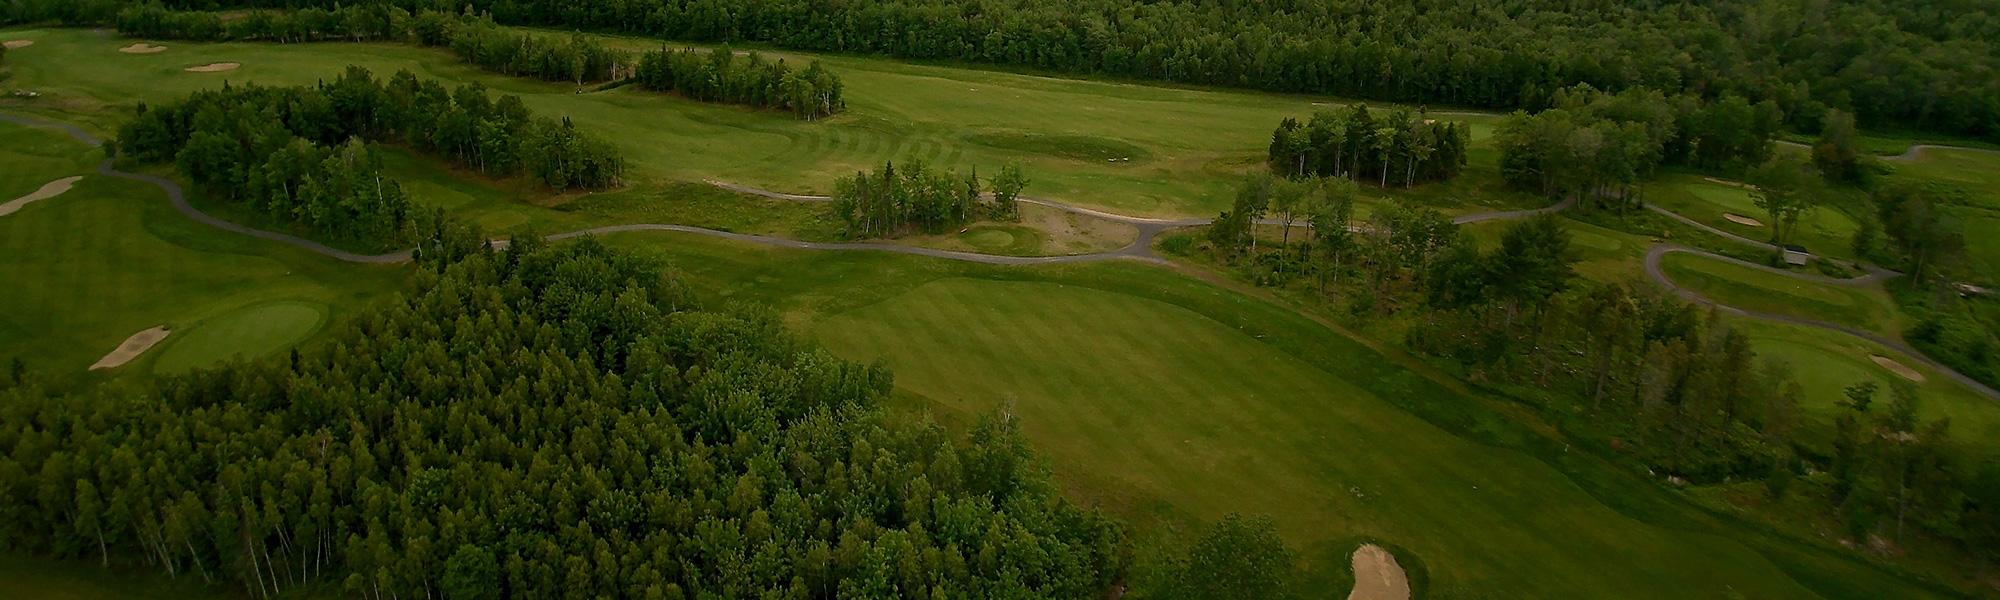 Club de Golf Les Boisés de Joly - Image 1